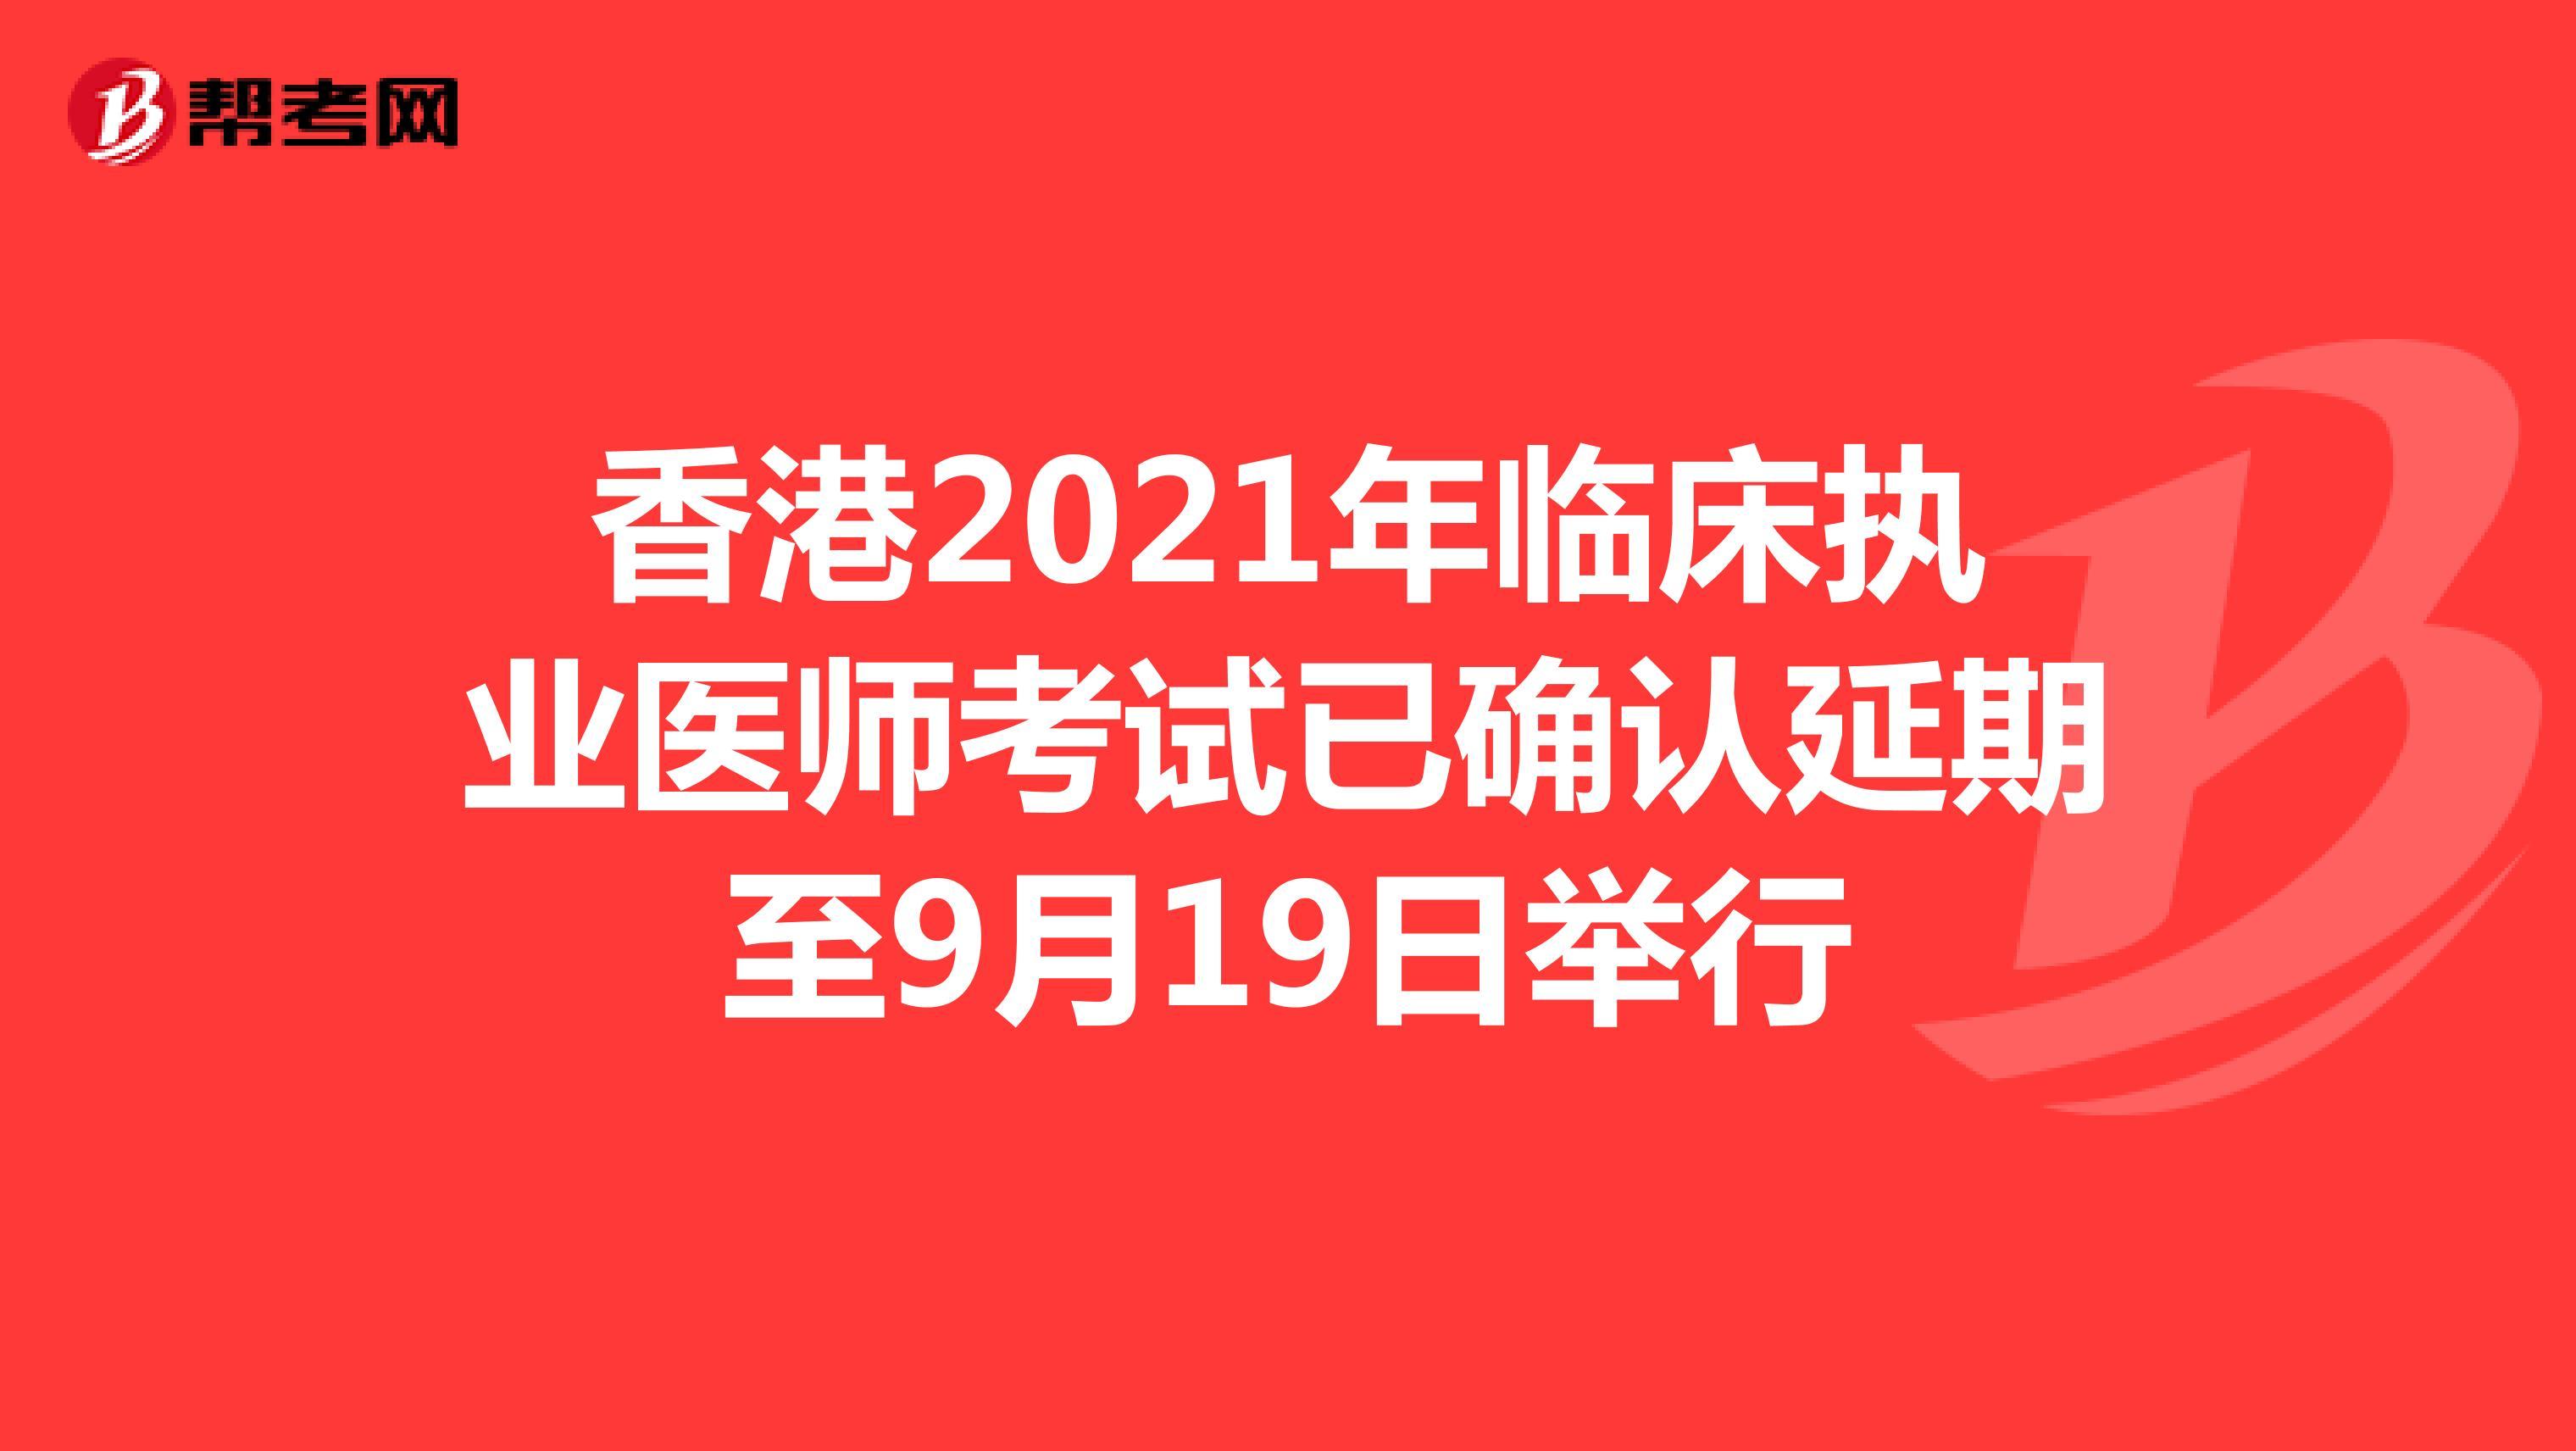 香港2021年临床执业医师考试已确认延期至9月19日举行